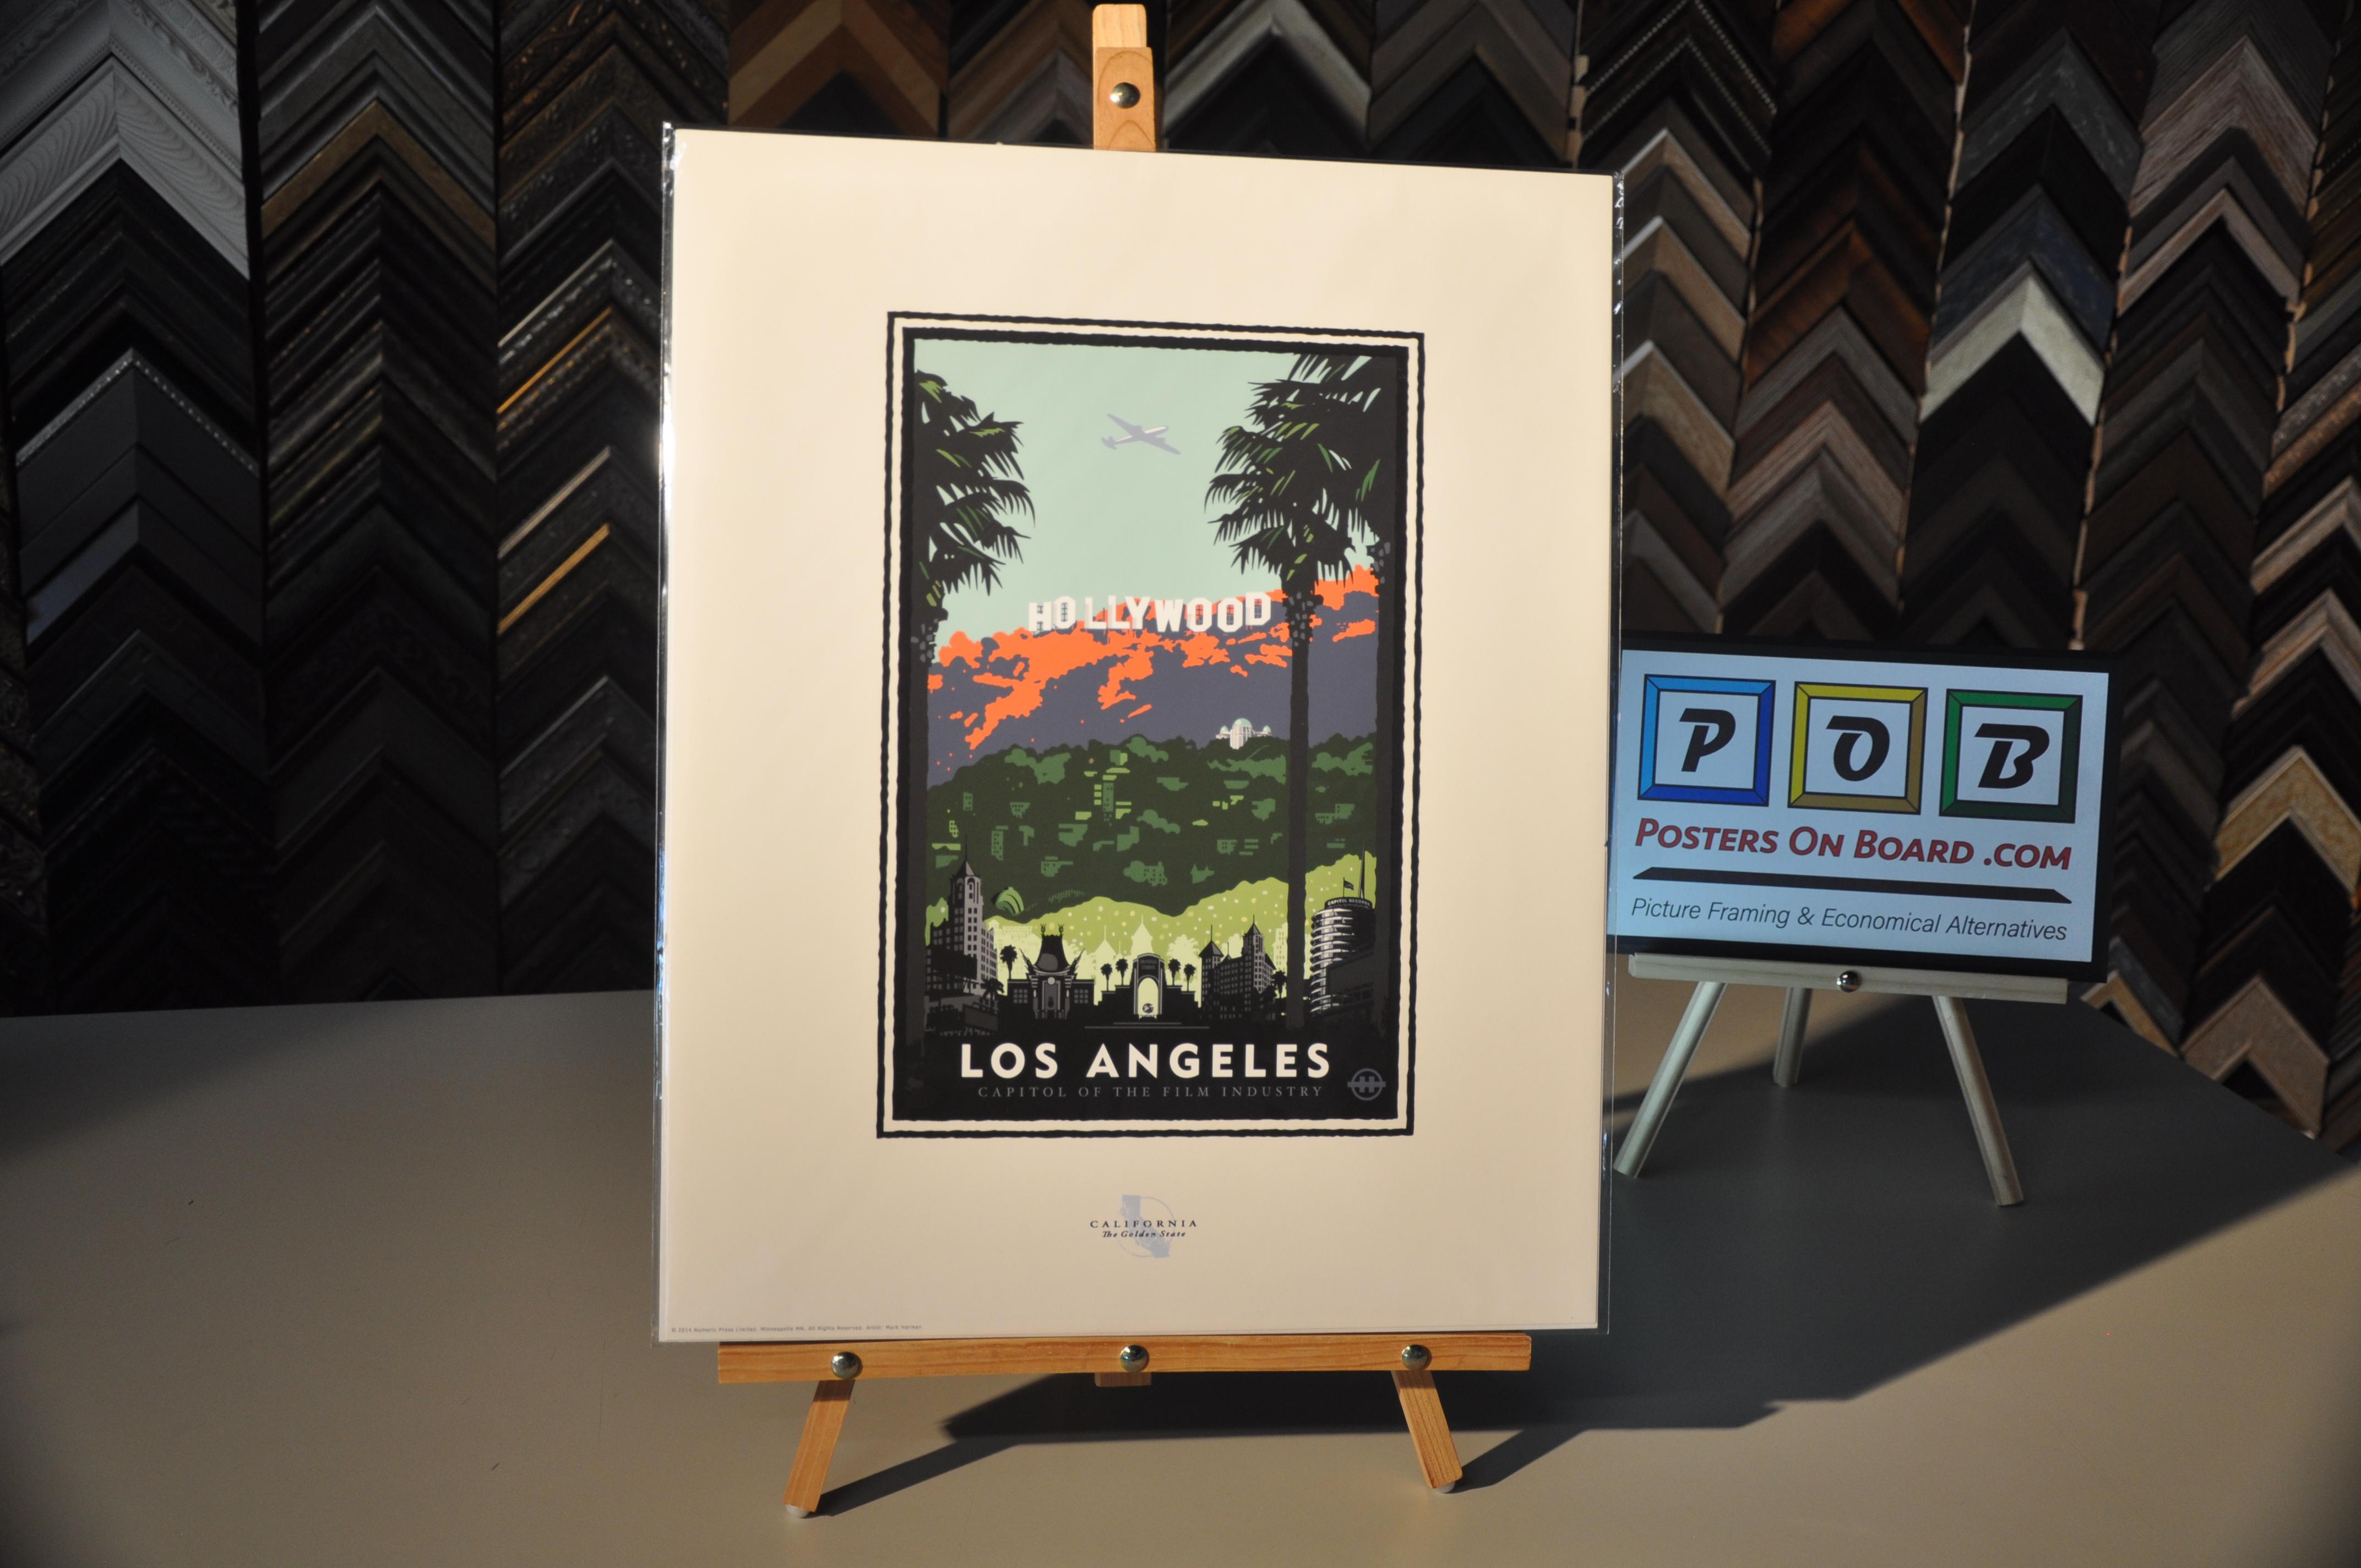 PostersOnBoard.com, Places, U.S.A.